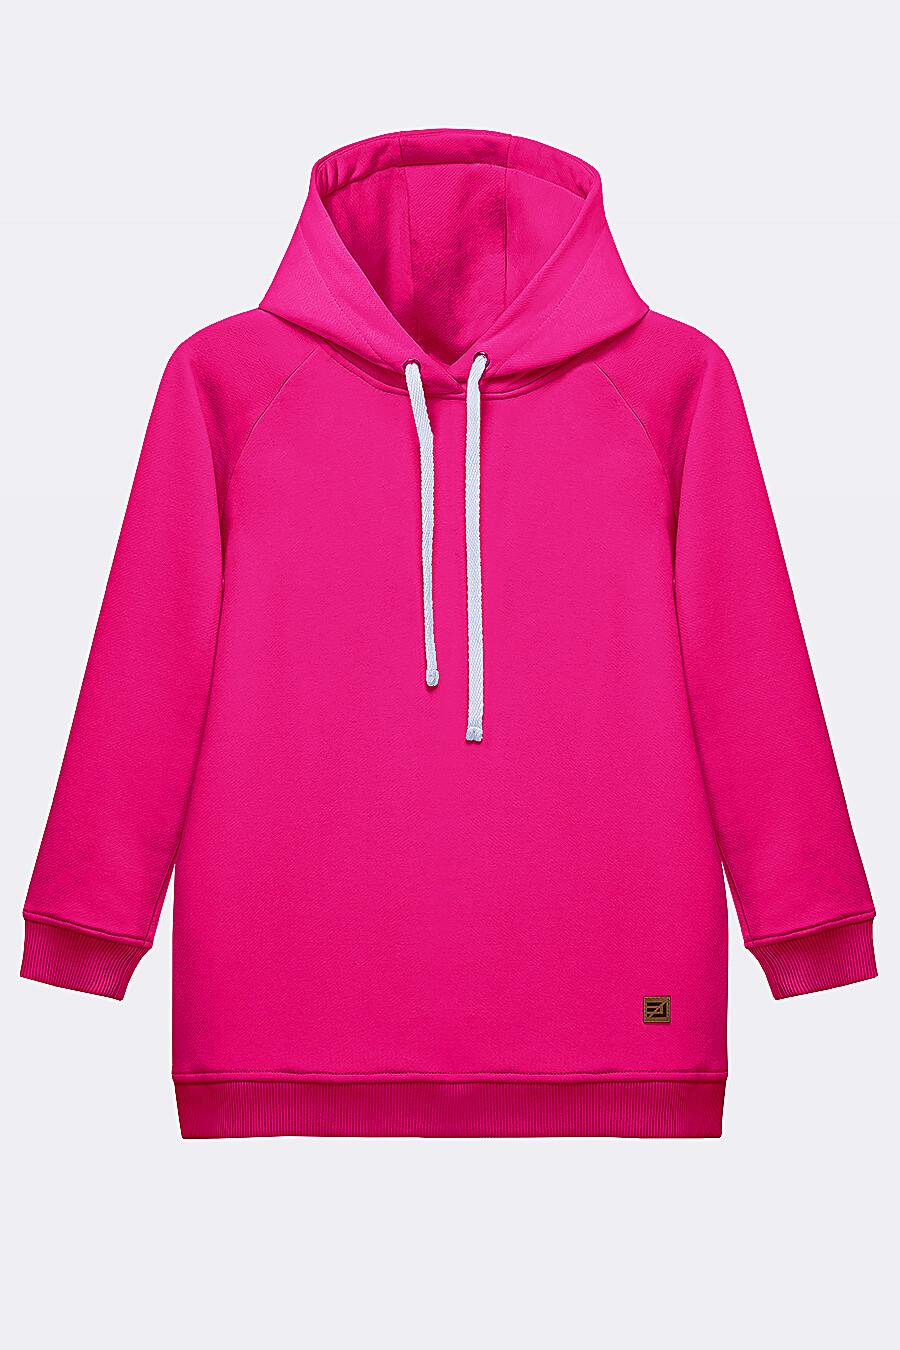 Худи для девочек EZANNA 682635 купить оптом от производителя. Совместная покупка детской одежды в OptMoyo